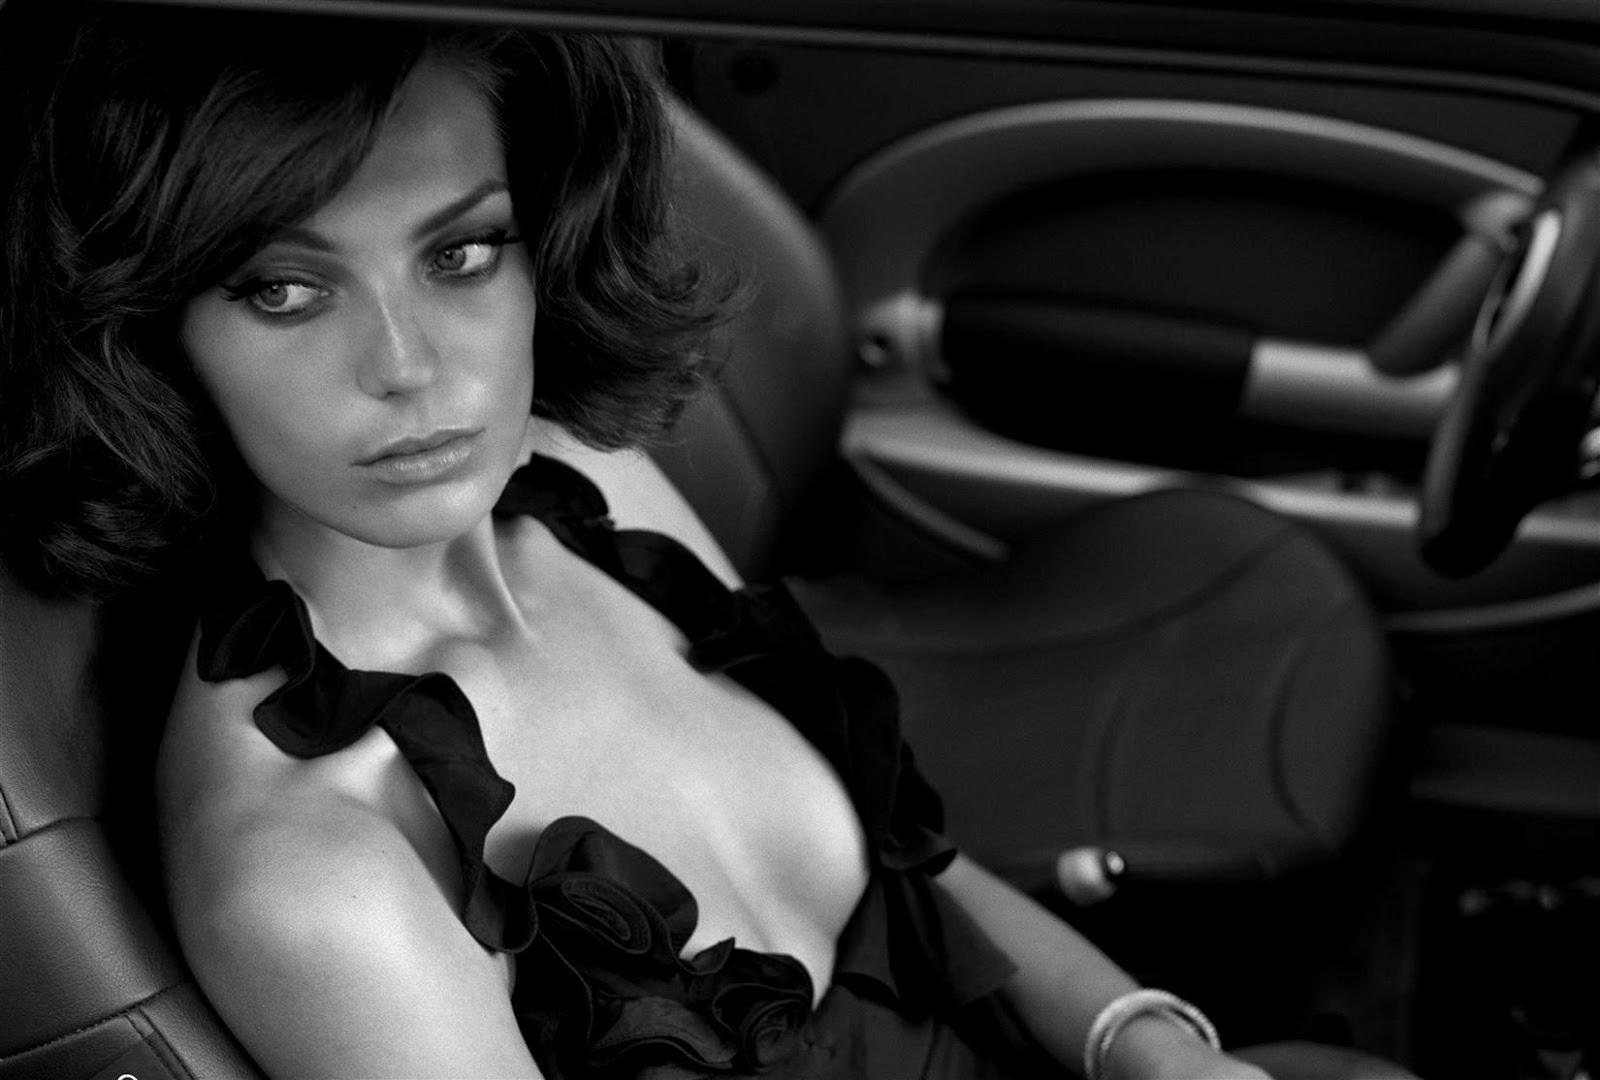 фото девушек в машине черно белая